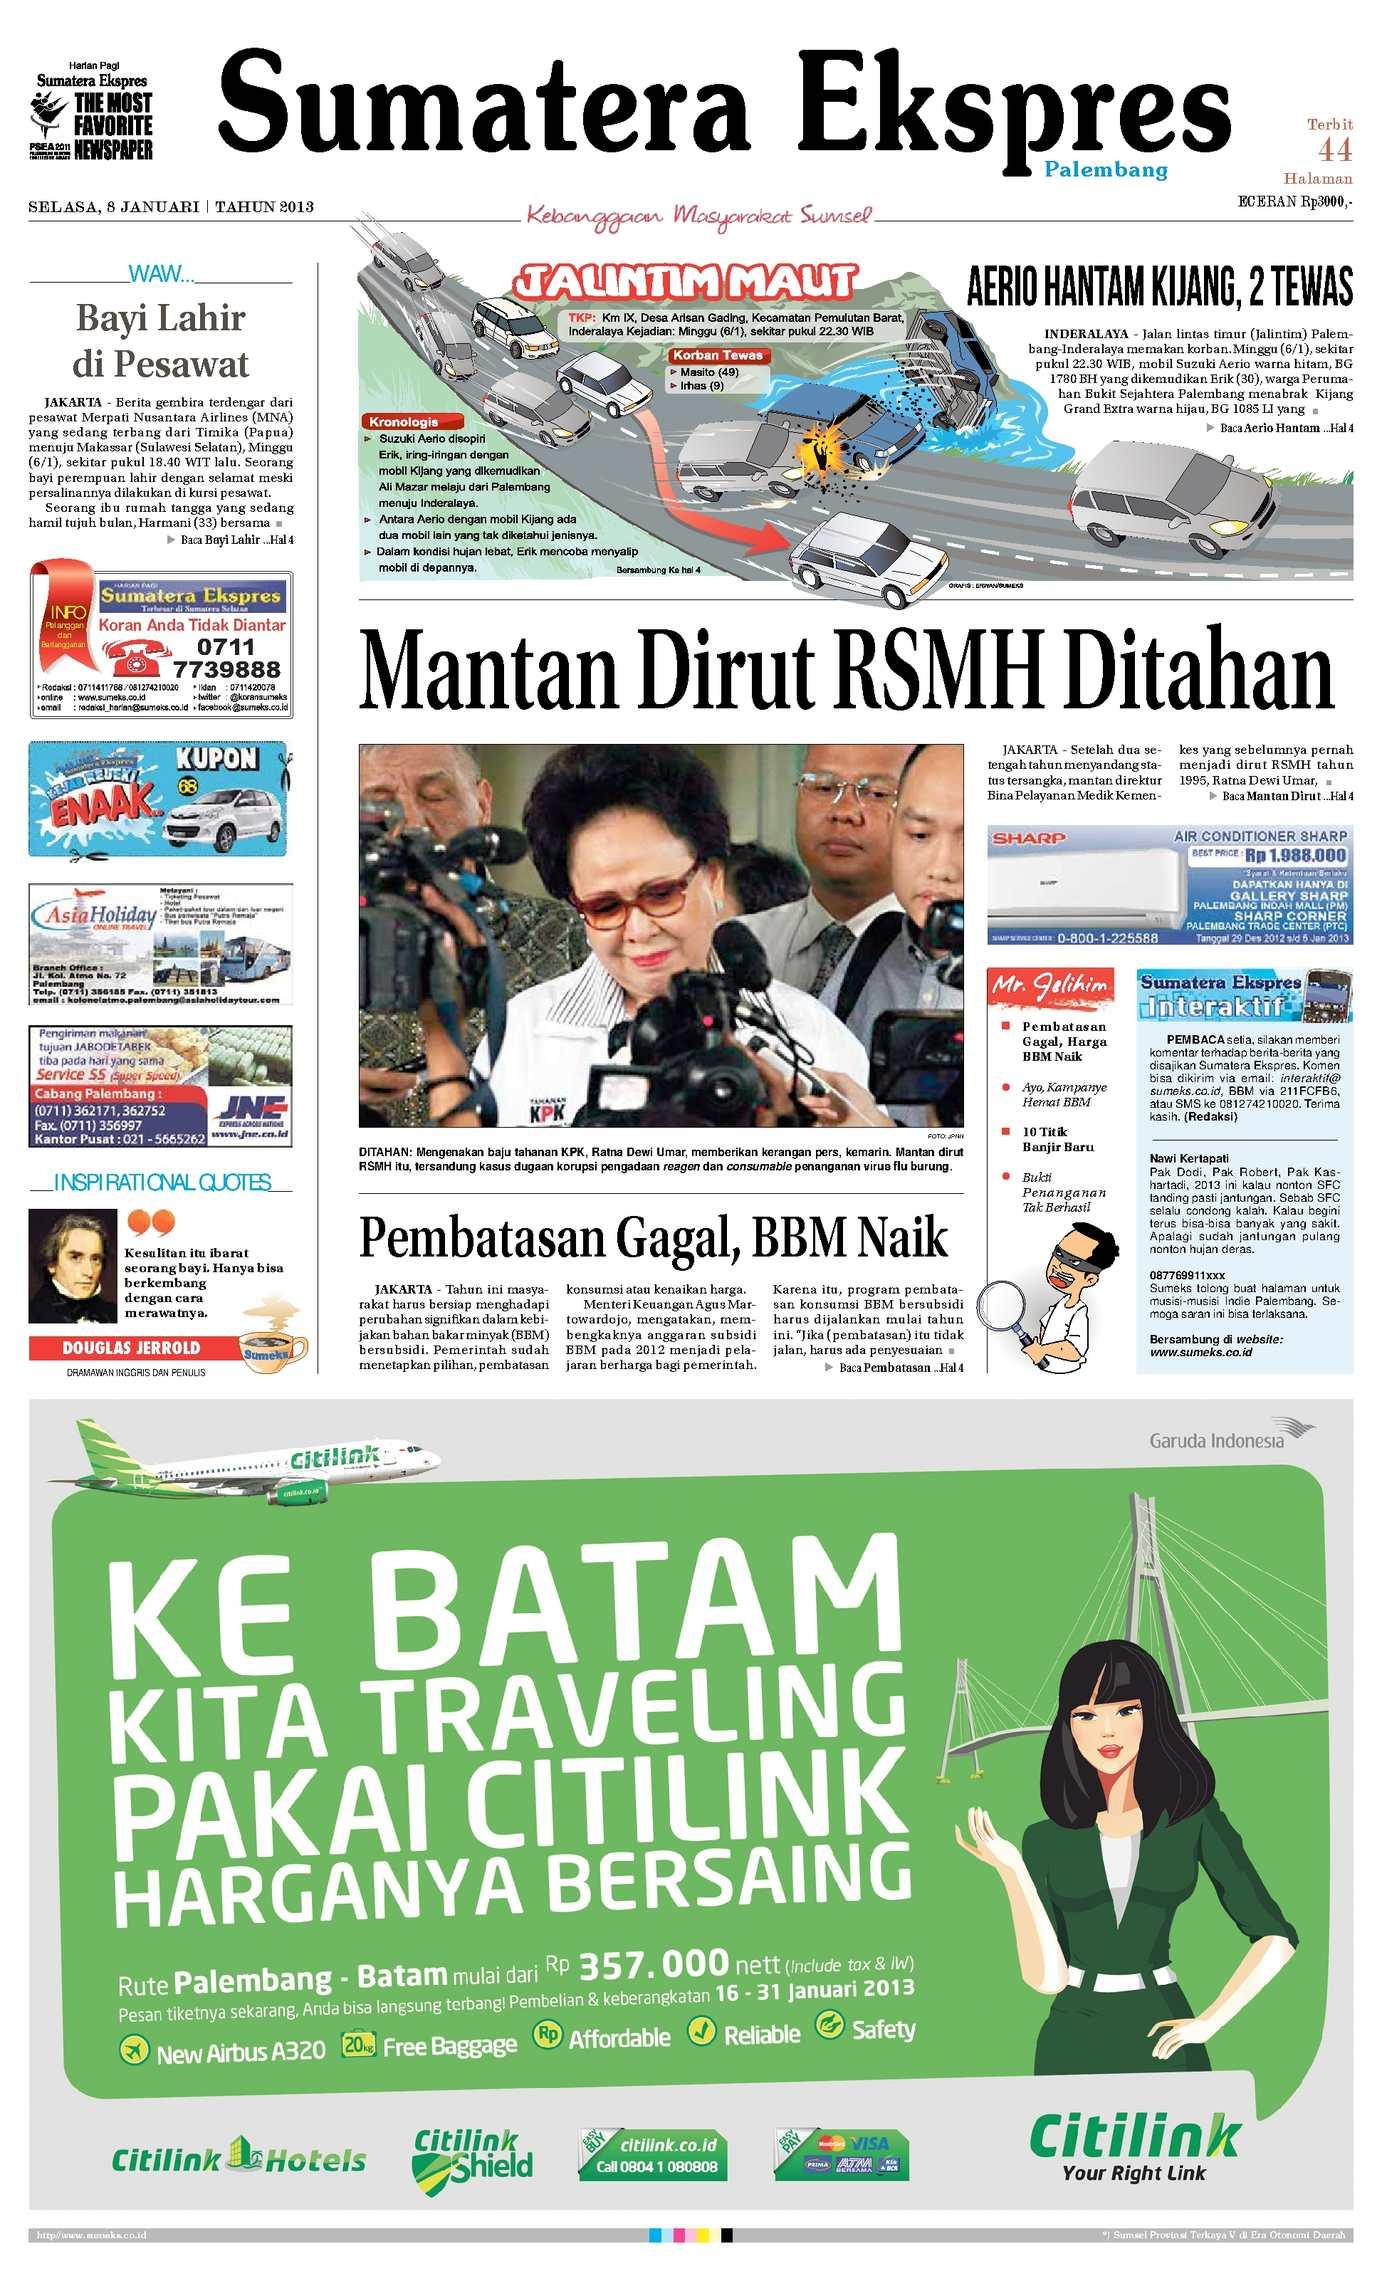 Calamo Sumatera Ekspres 8 Januari 2013 Penutup Toilet Duduk Otomatis Izen Ib 450